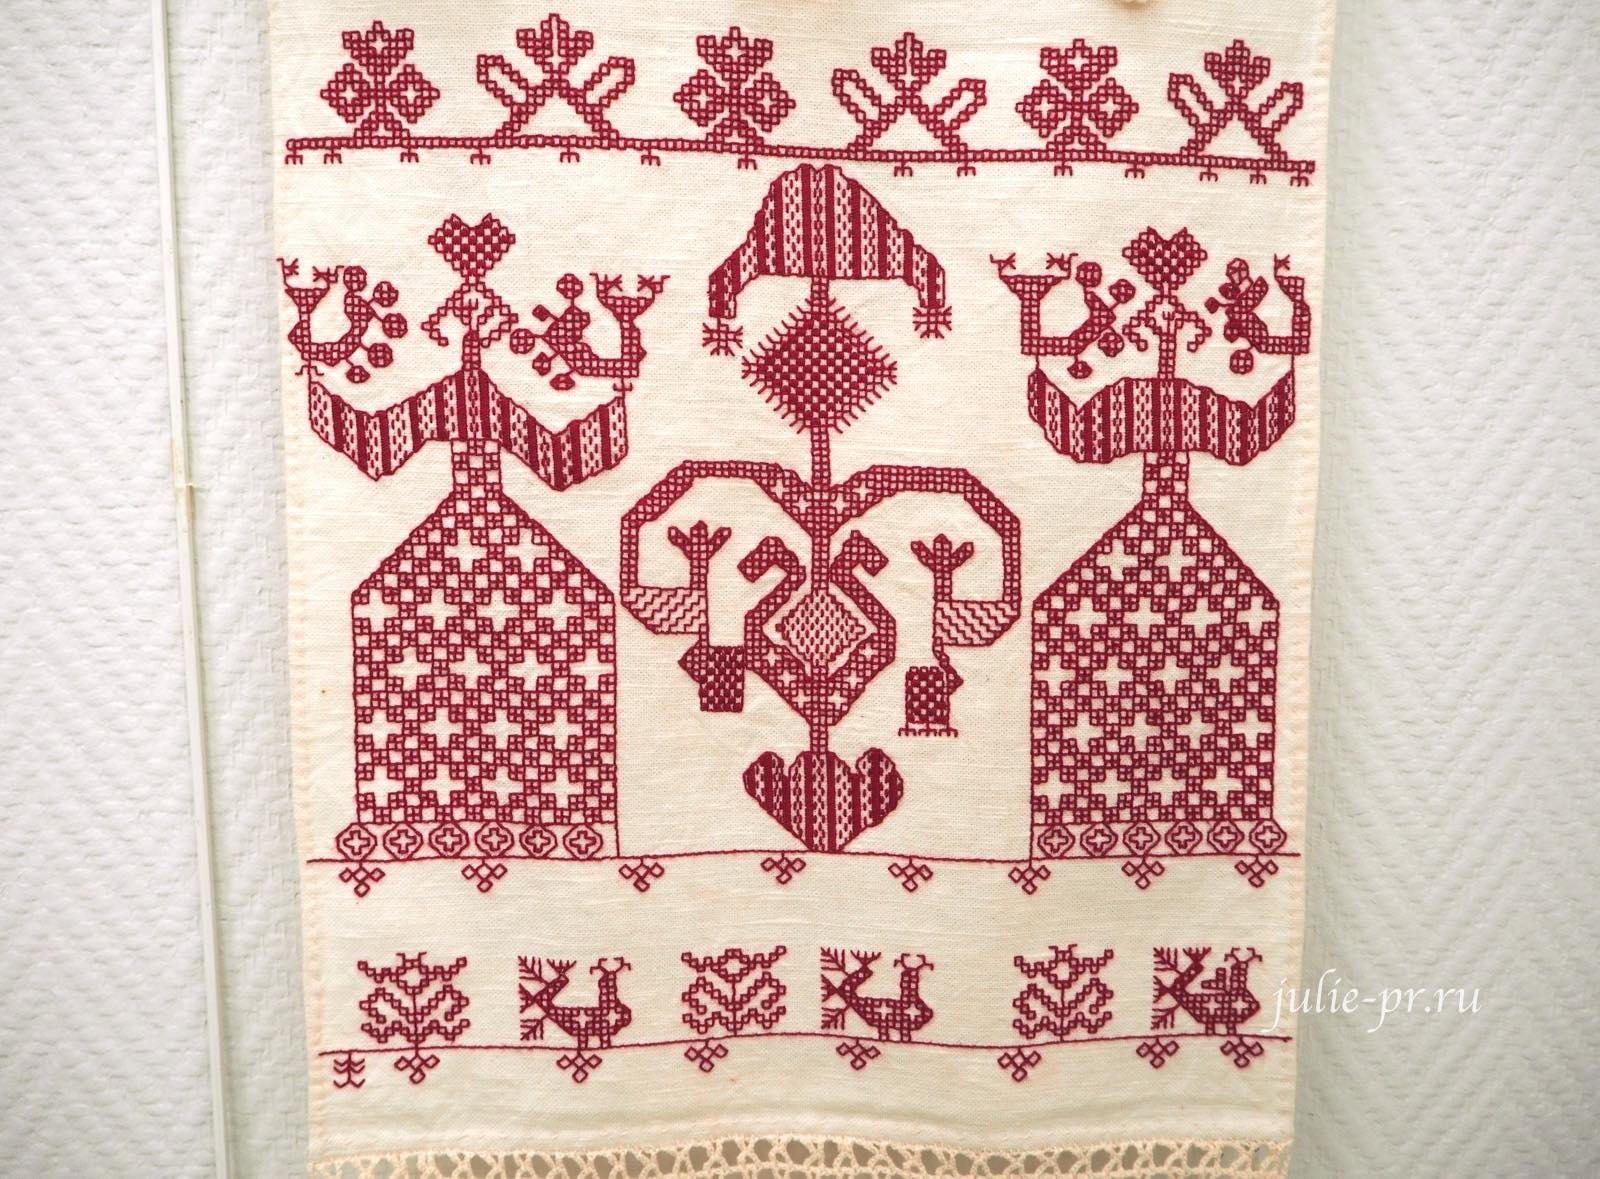 Этноклуб Параскева, вышитое полотенце, выставка, Иголочка тонка, да достаёт до сердца, Санкт-Петербург,